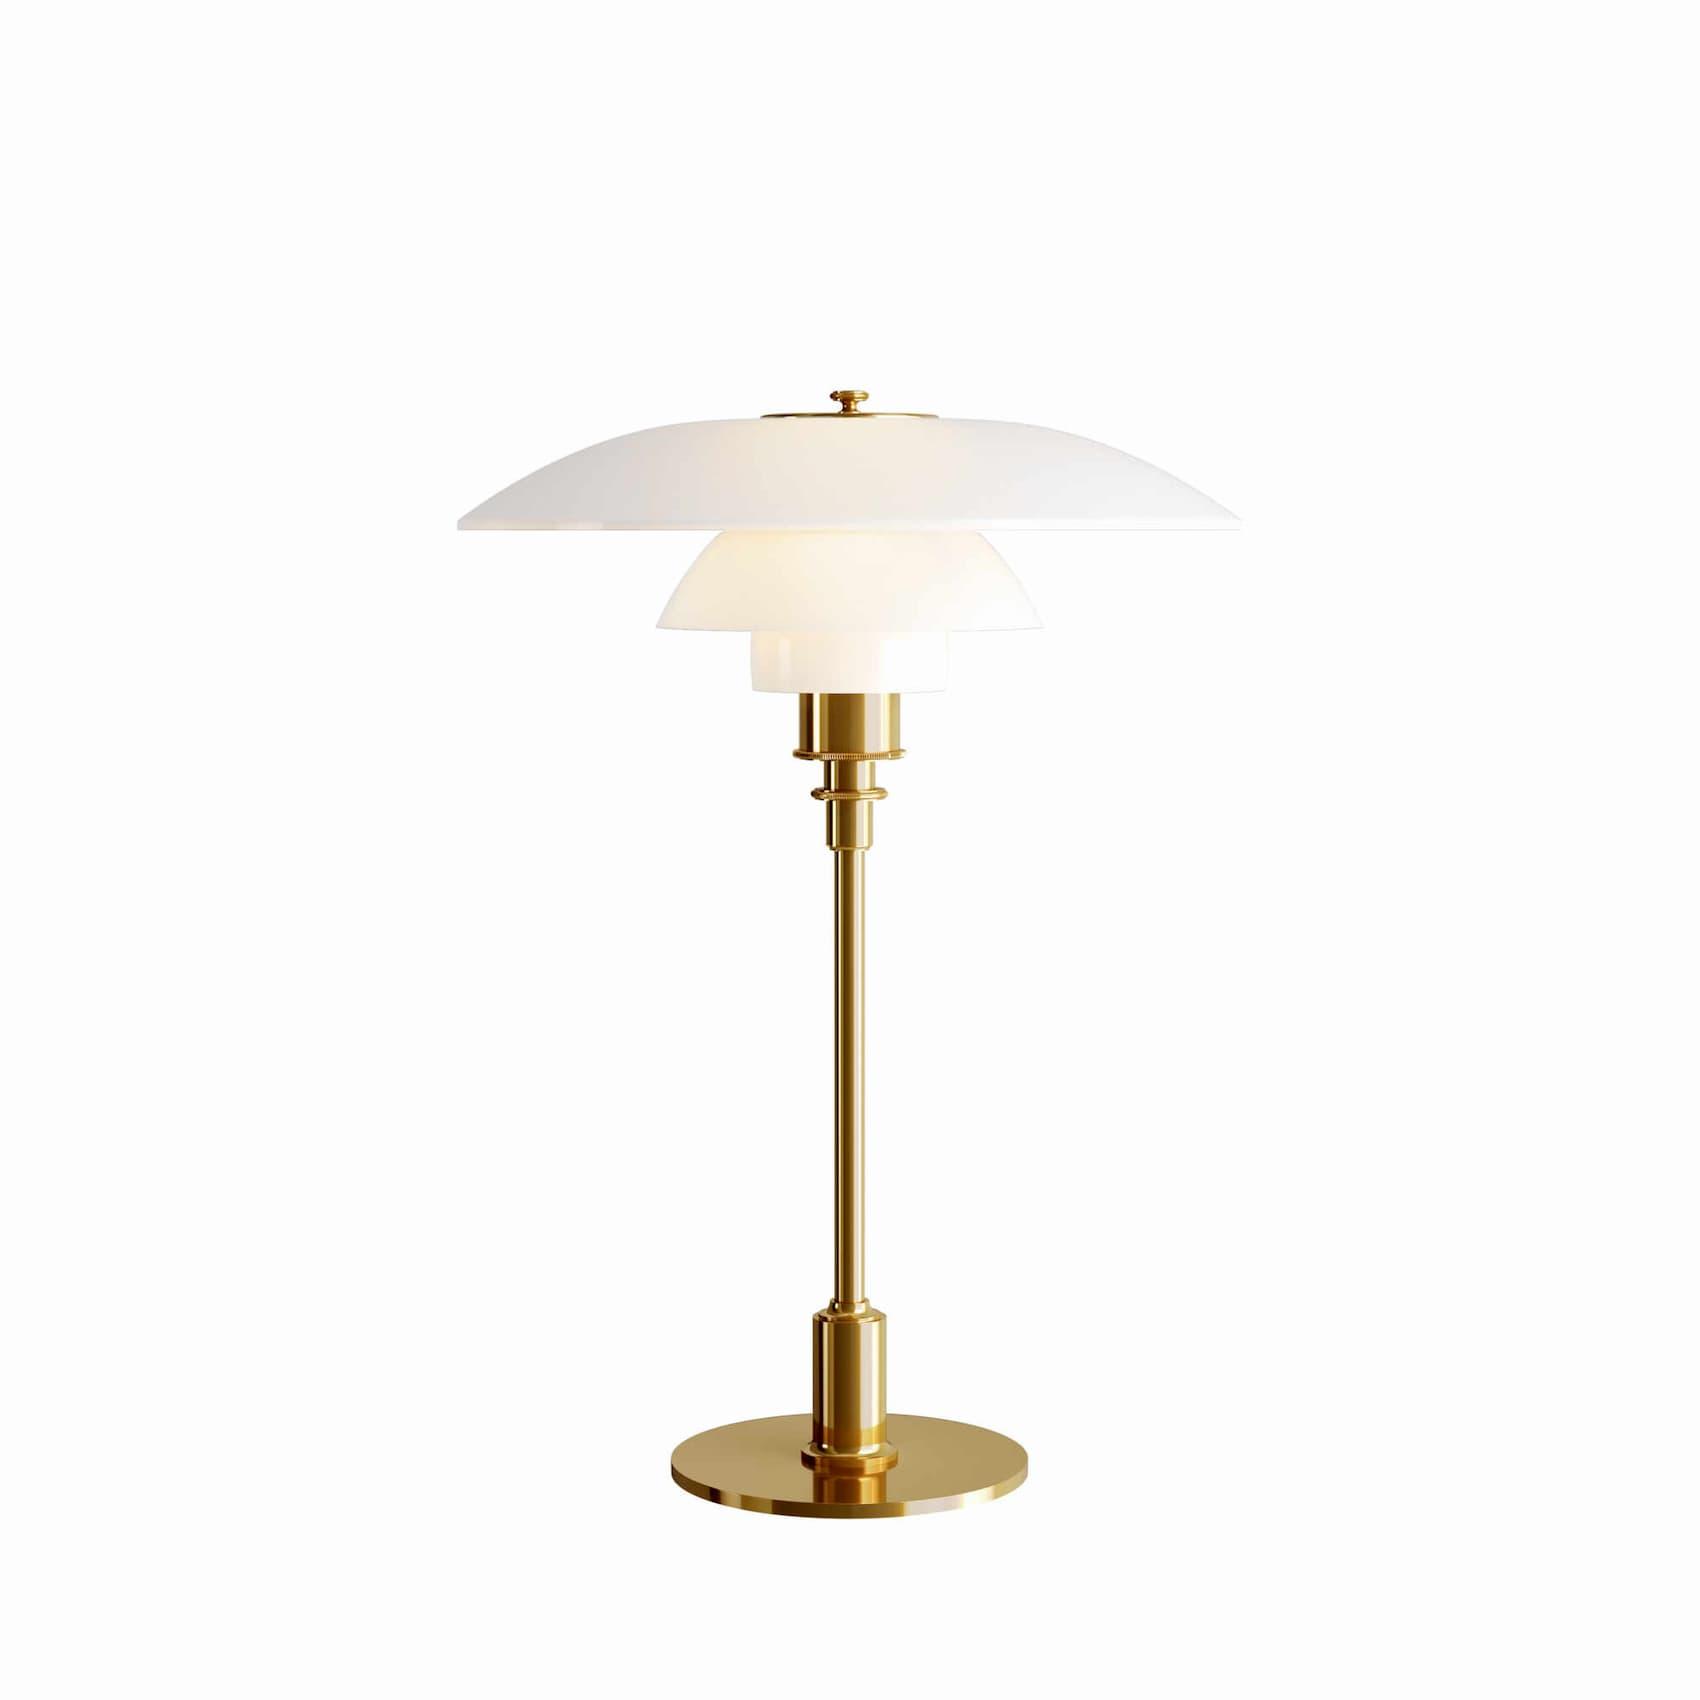 Brass metallised - +$92.01